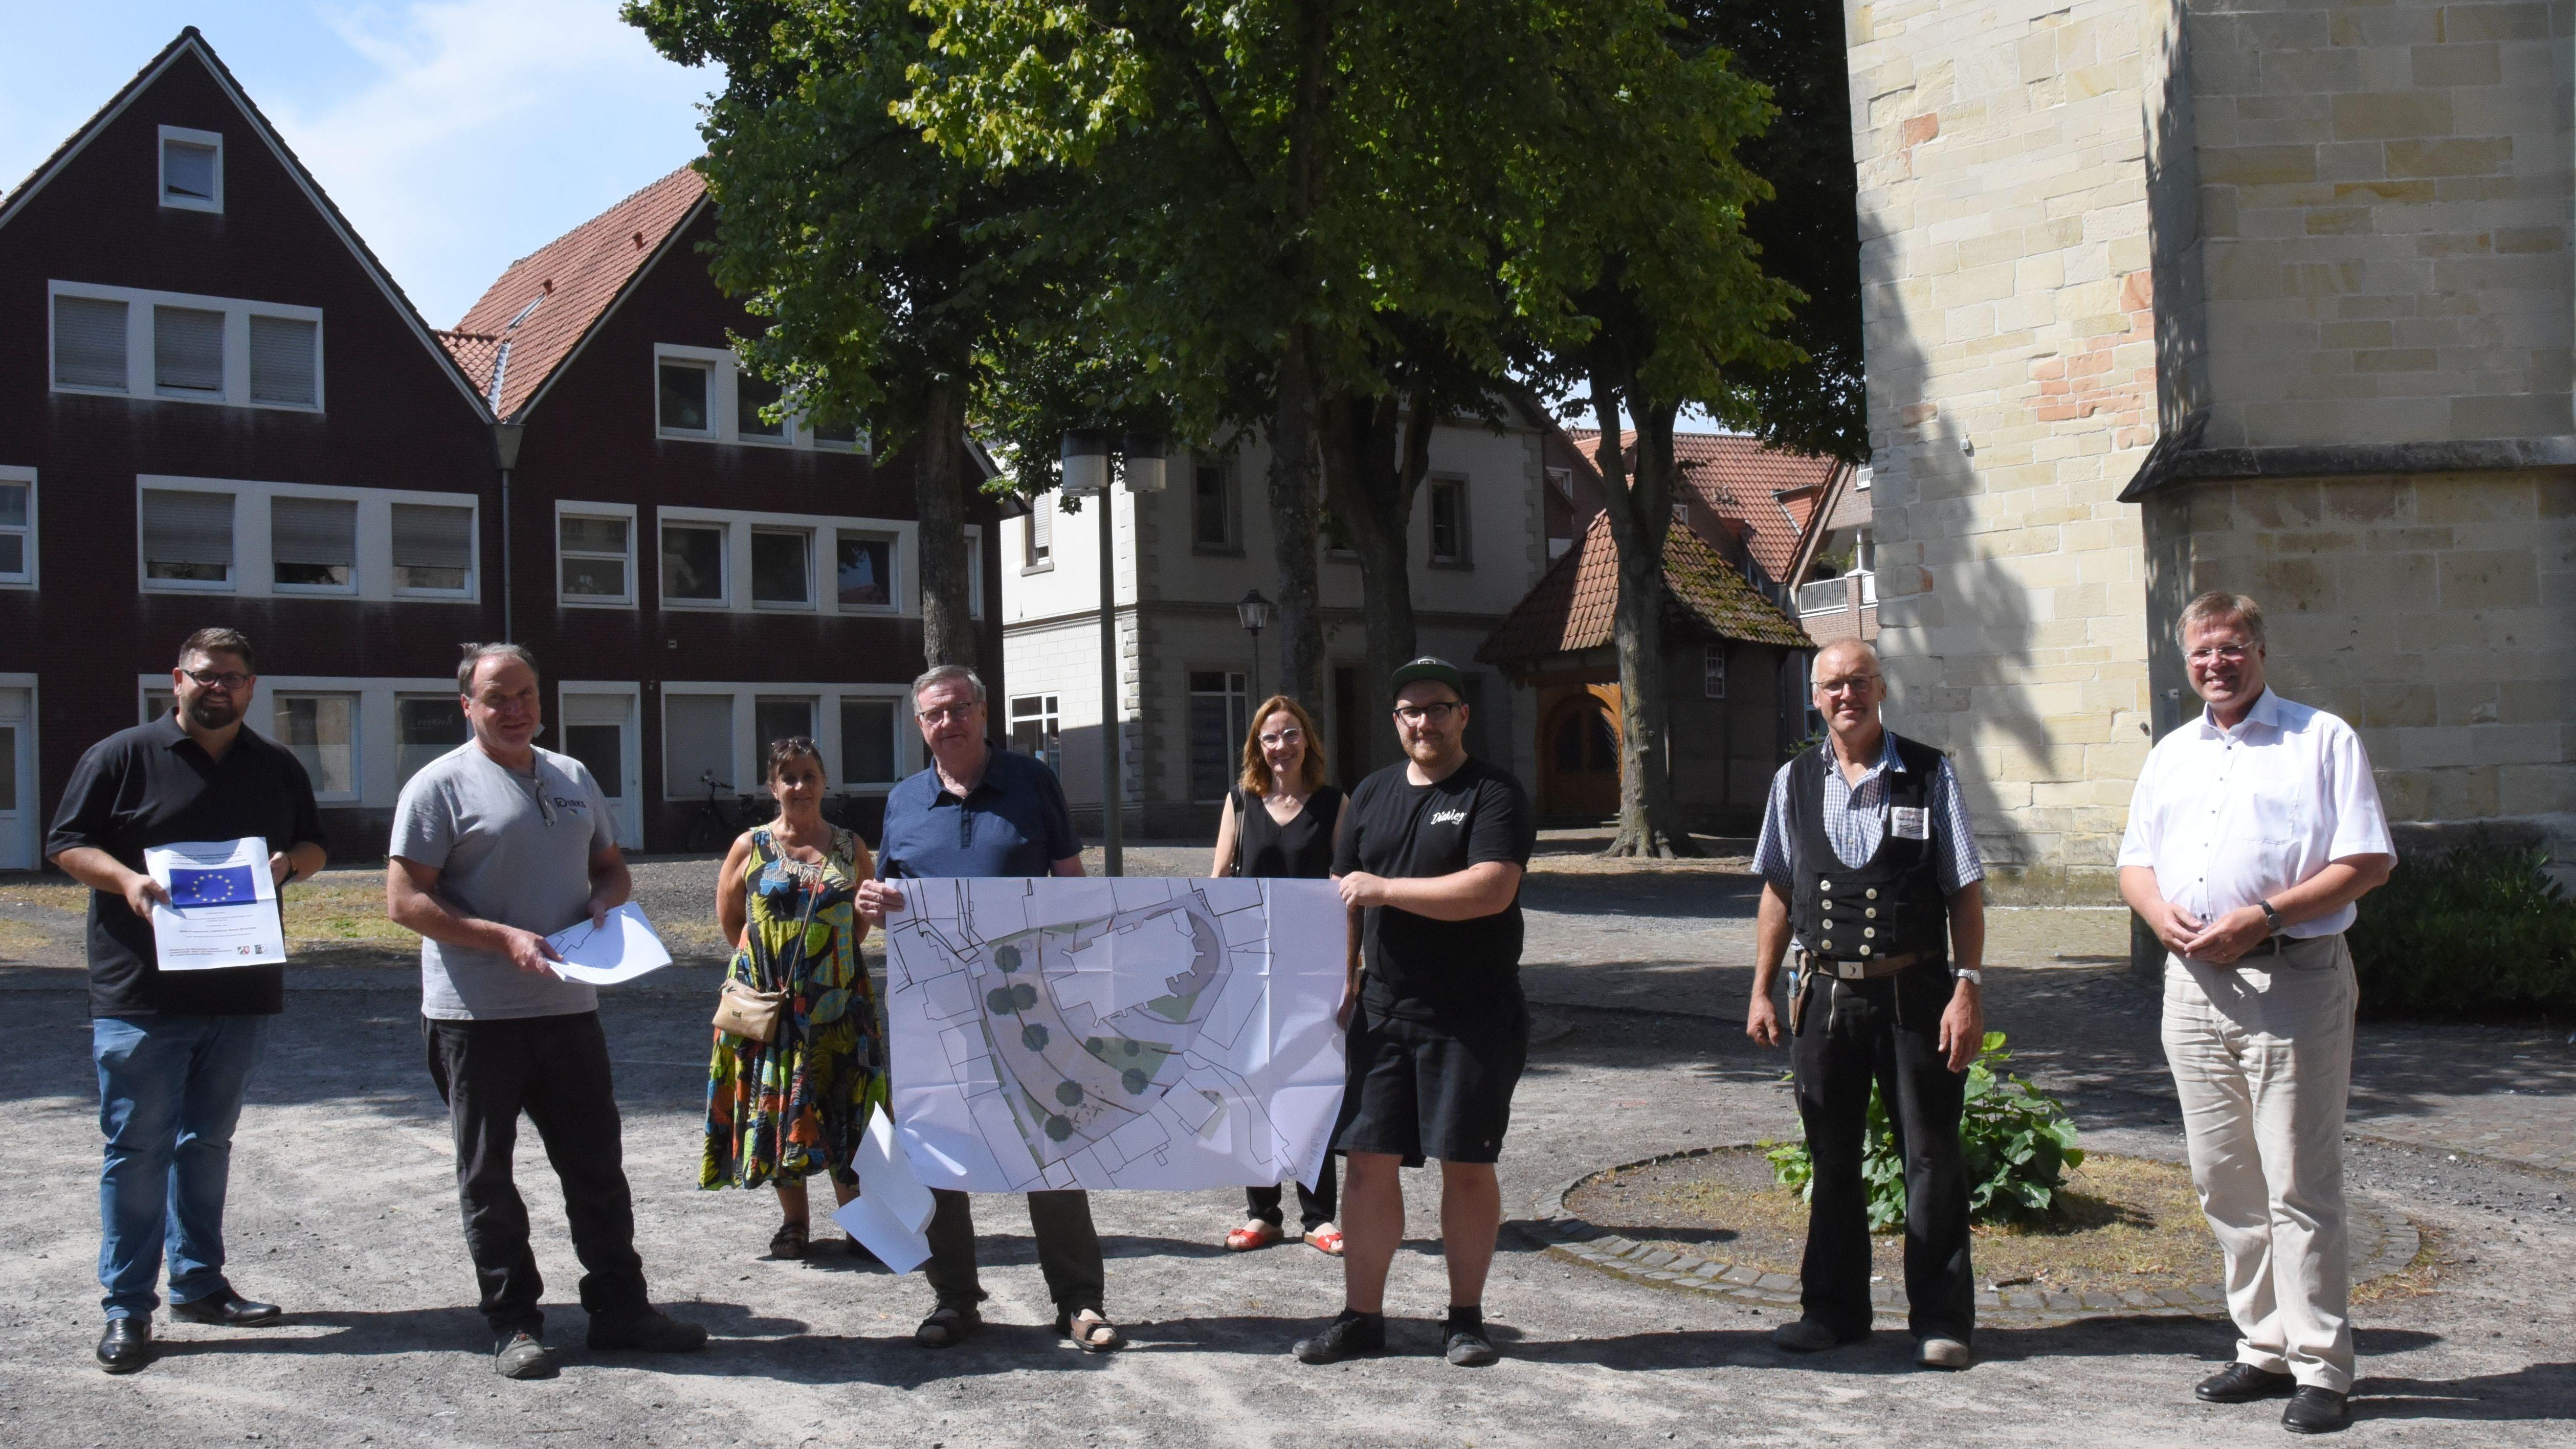 Der Kirchplatz in Havixbeck soll neu gestaltet werden und zum Verweilen einladen. Foto Gemeinde Havixbeck